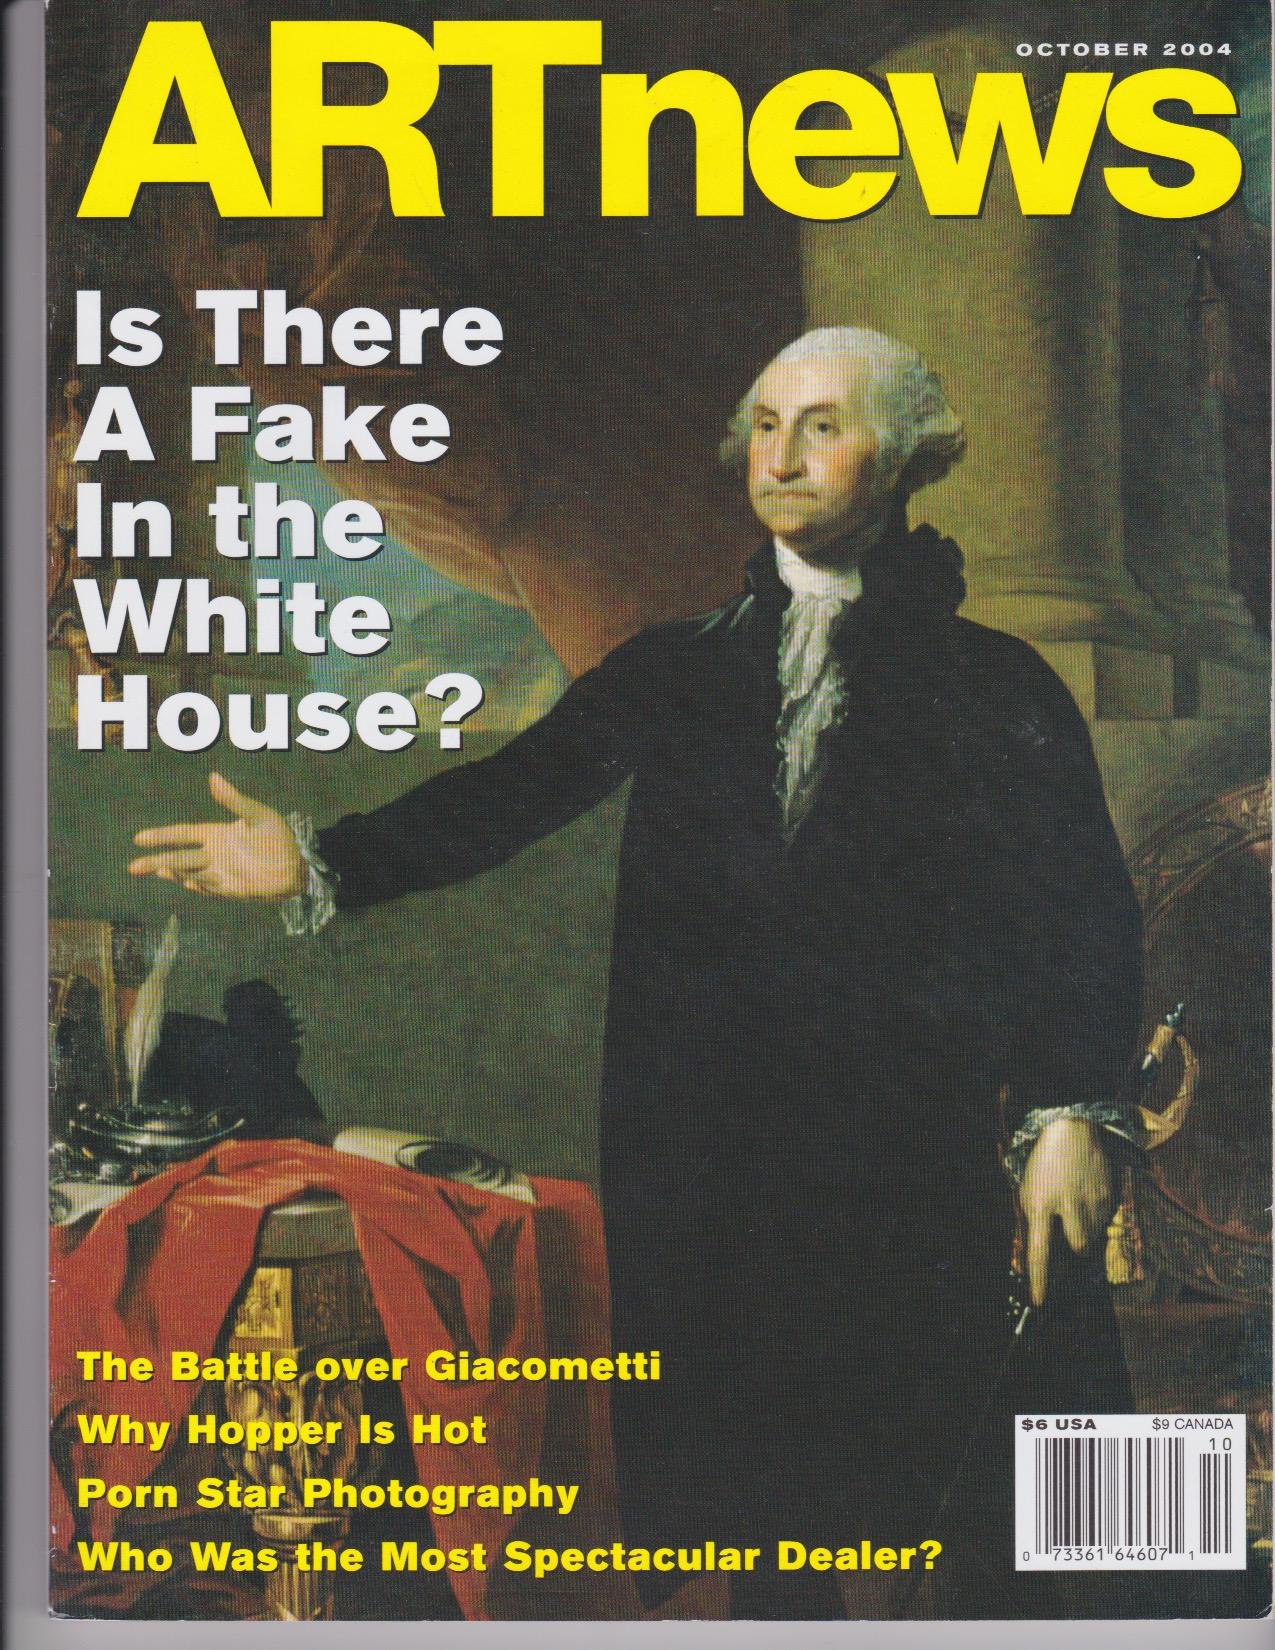 Art news cover.jpeg